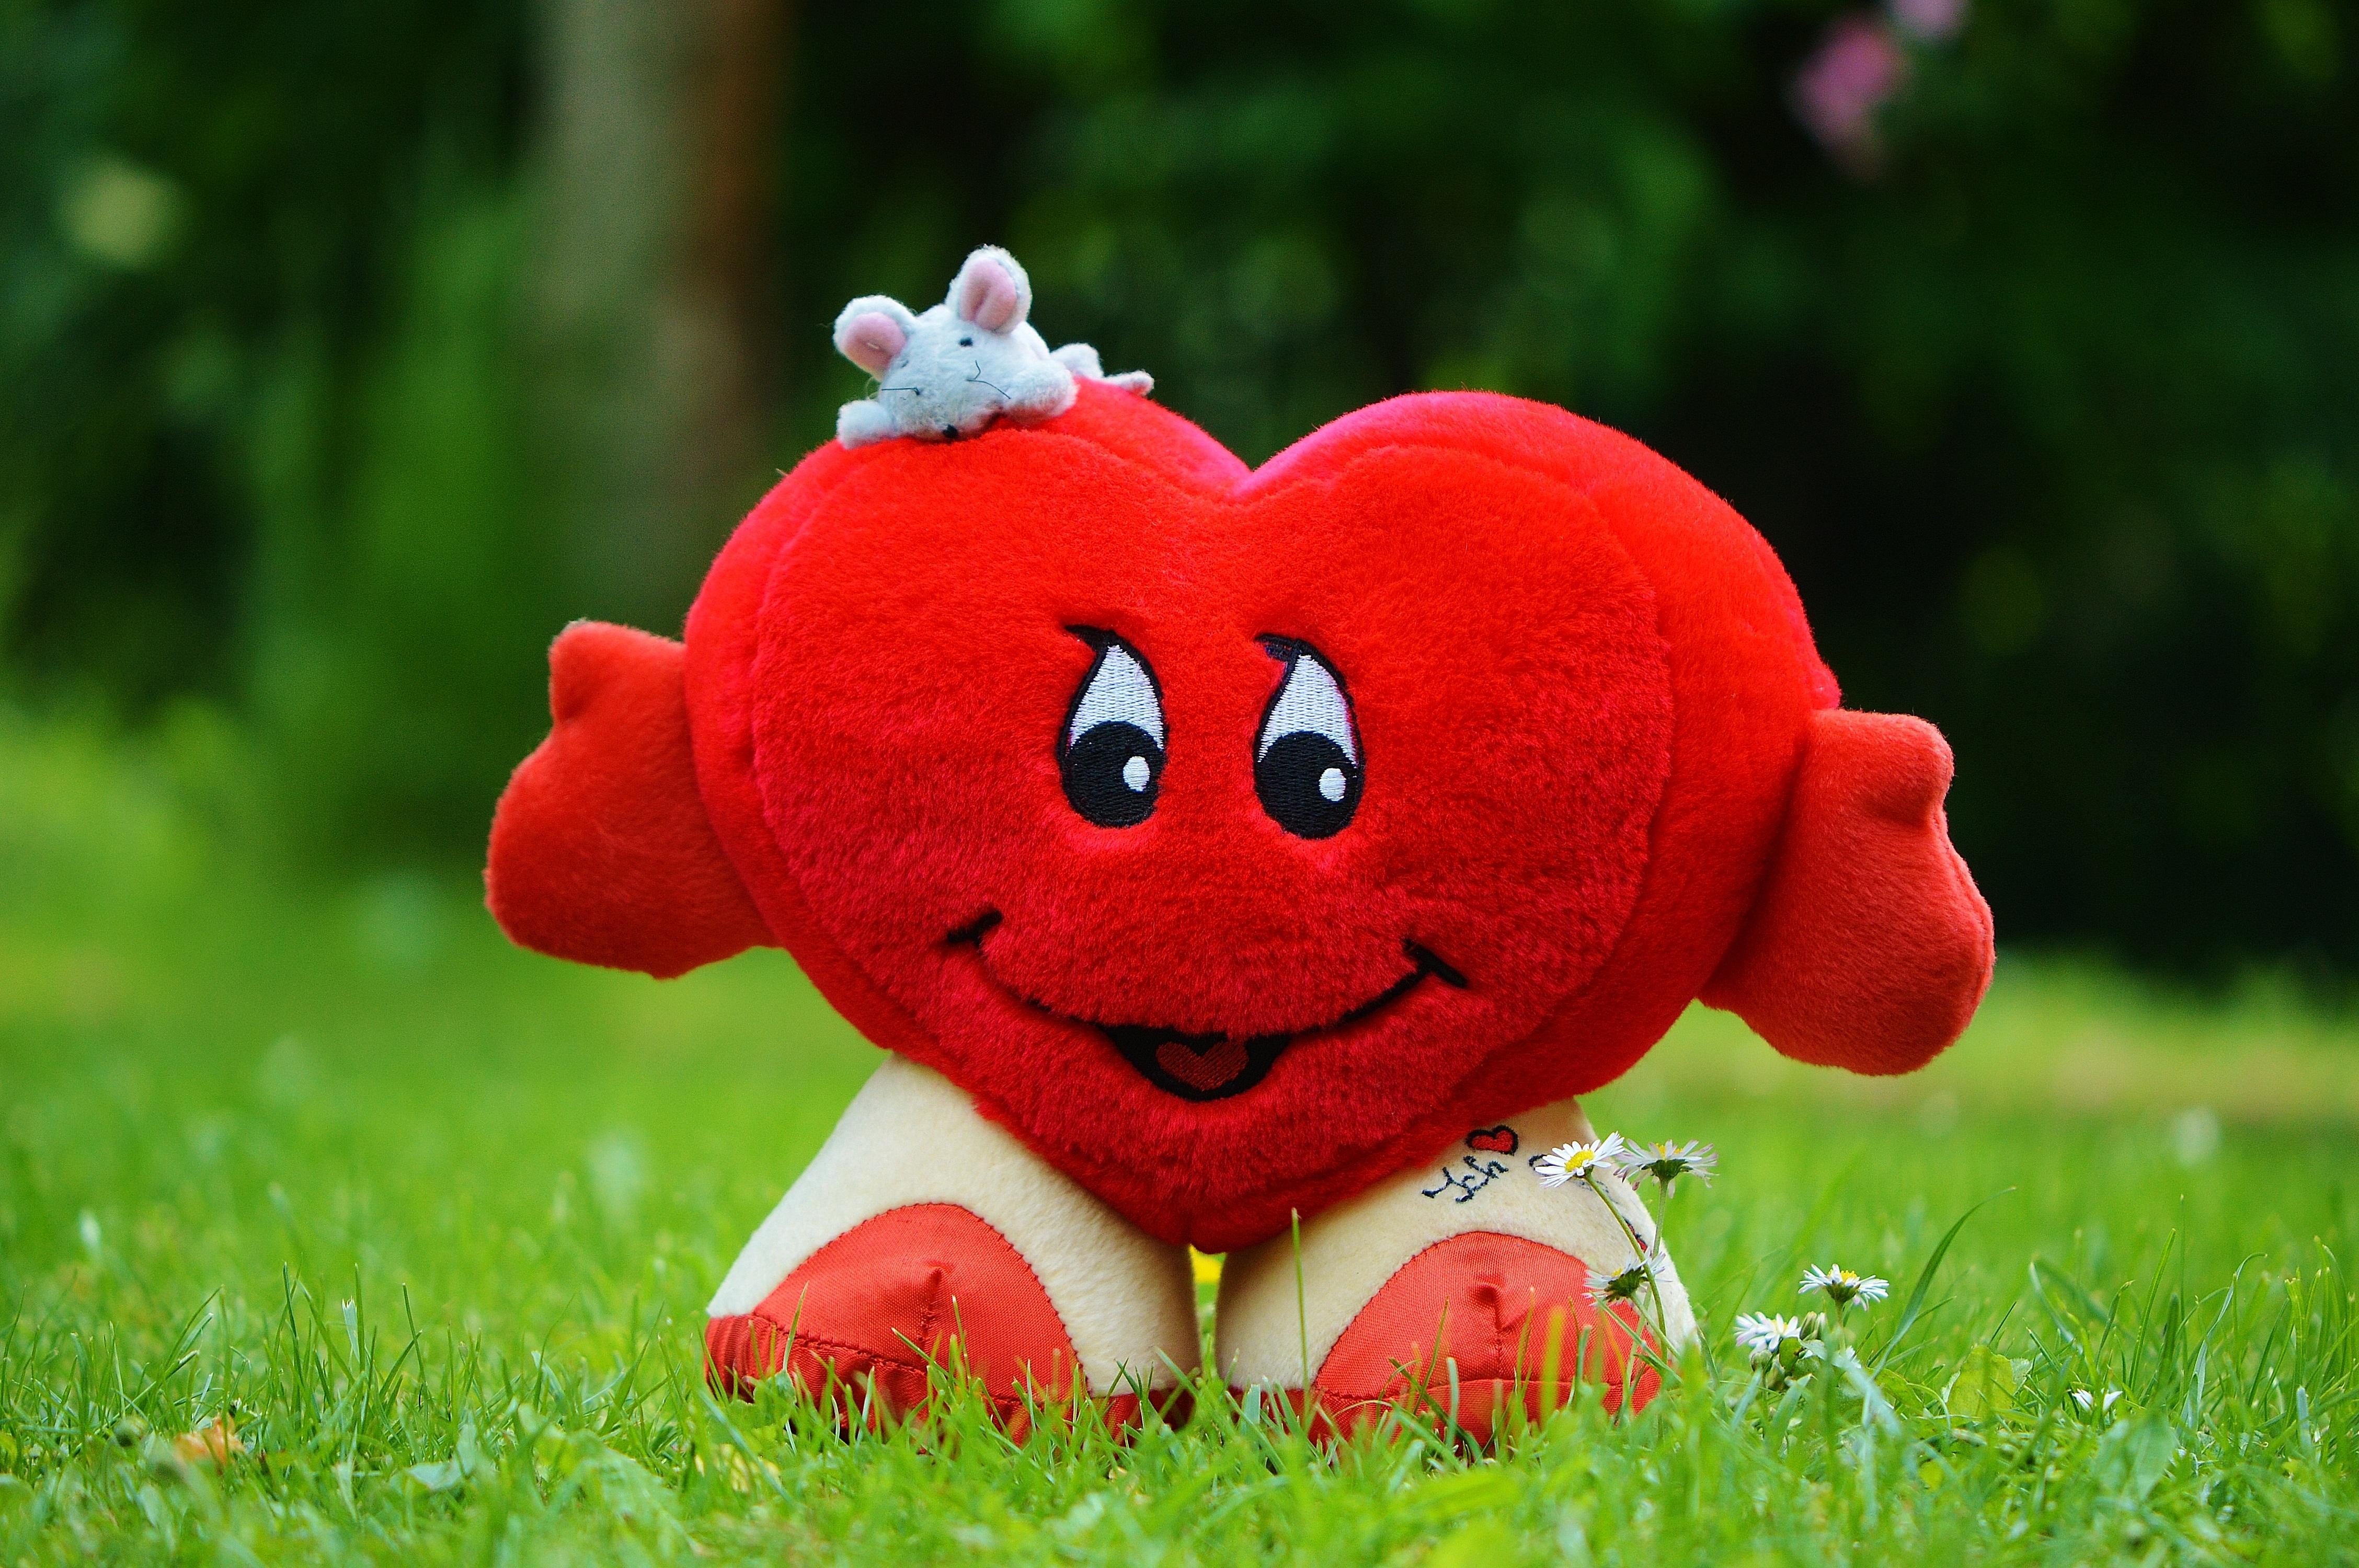 Kostenlose Foto Gras Suss Blume Maus Liebe Herz Rot